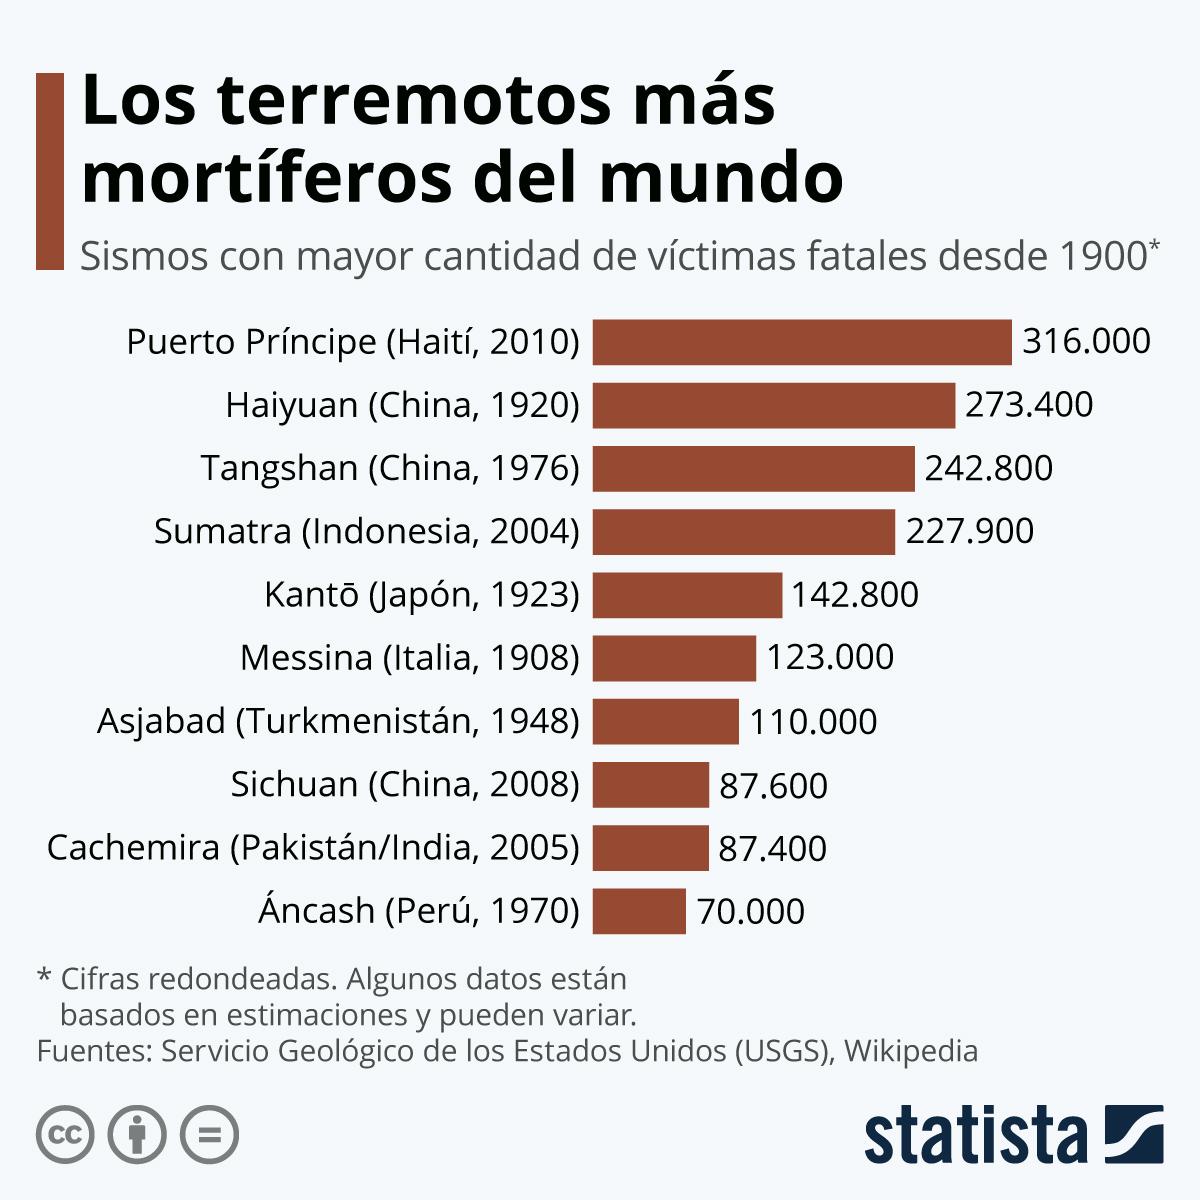 Infografía: El terremoto de Haití, todavía el más mortífero desde 1900 | Statista